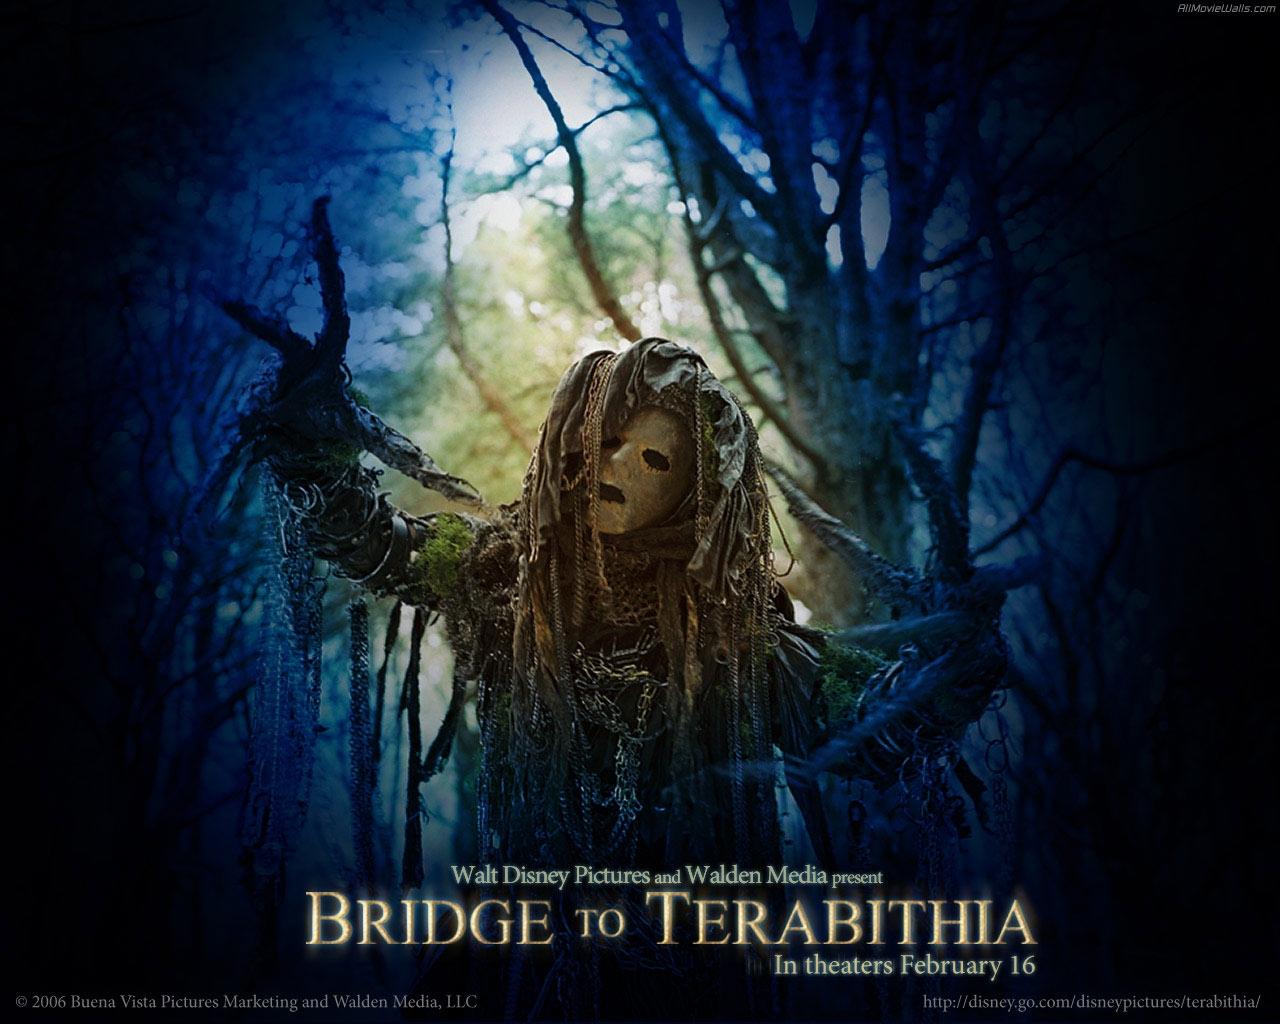 bridge to terabithia movie download